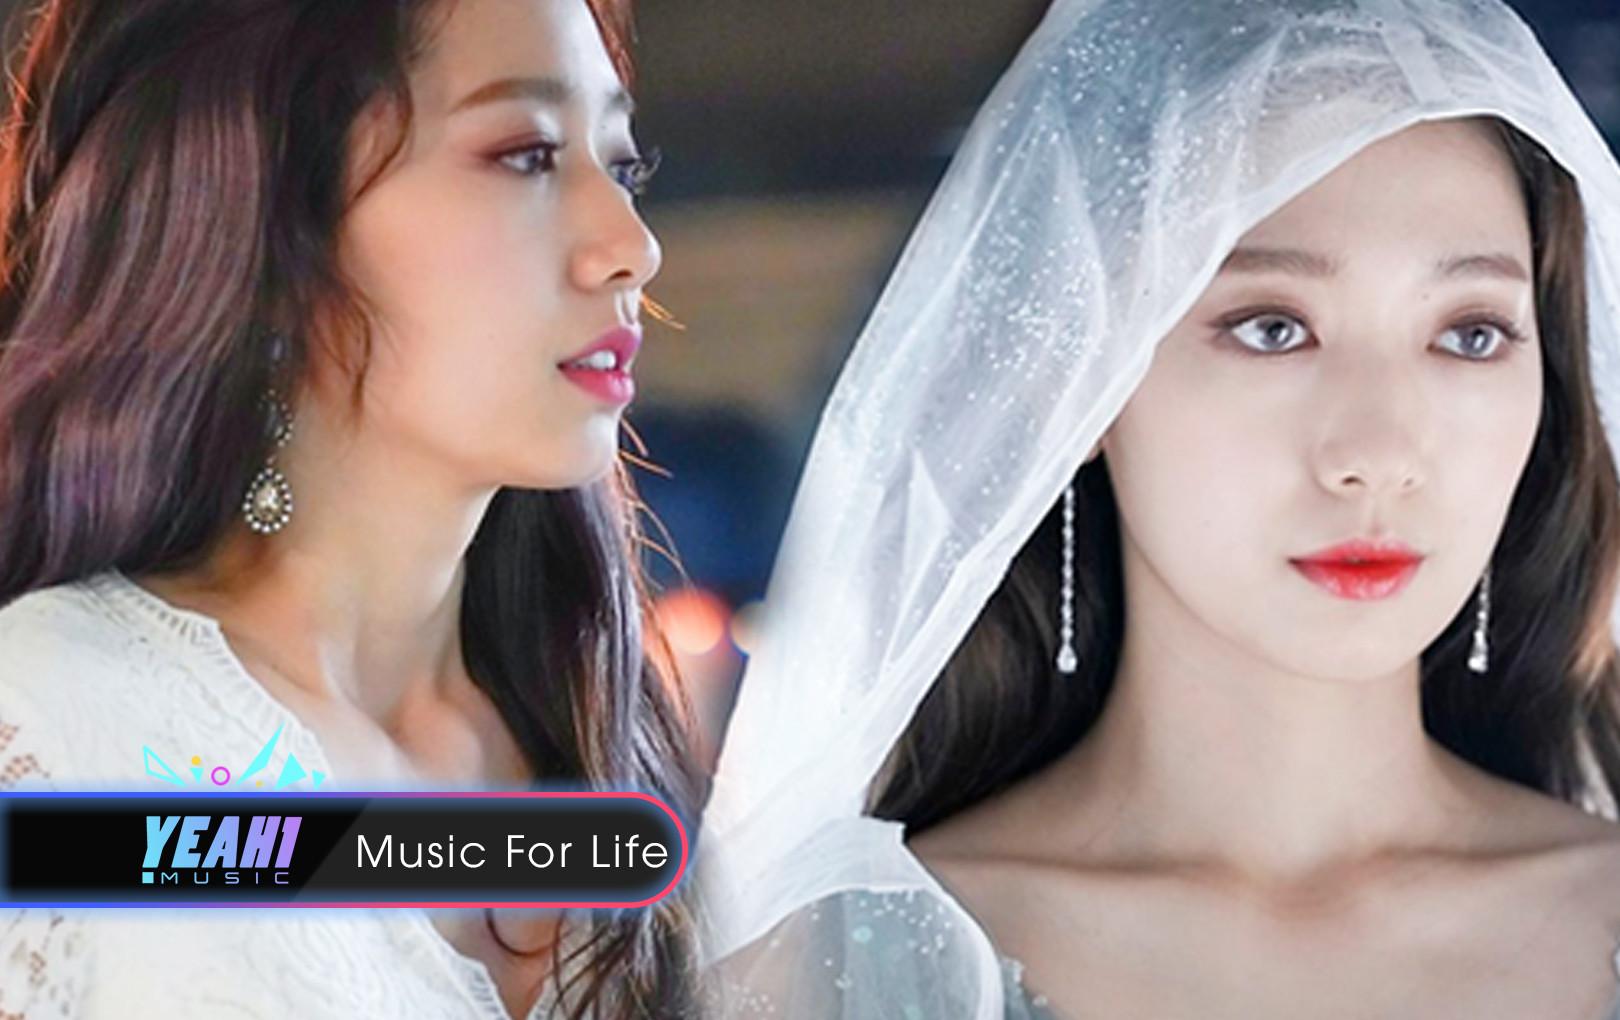 Trở lại với nhan sắc đỉnh cao, Park Shin Hye gây sốt vì đẹp như nữ thần bước ra từ truyện thần thoại ở hậu trường